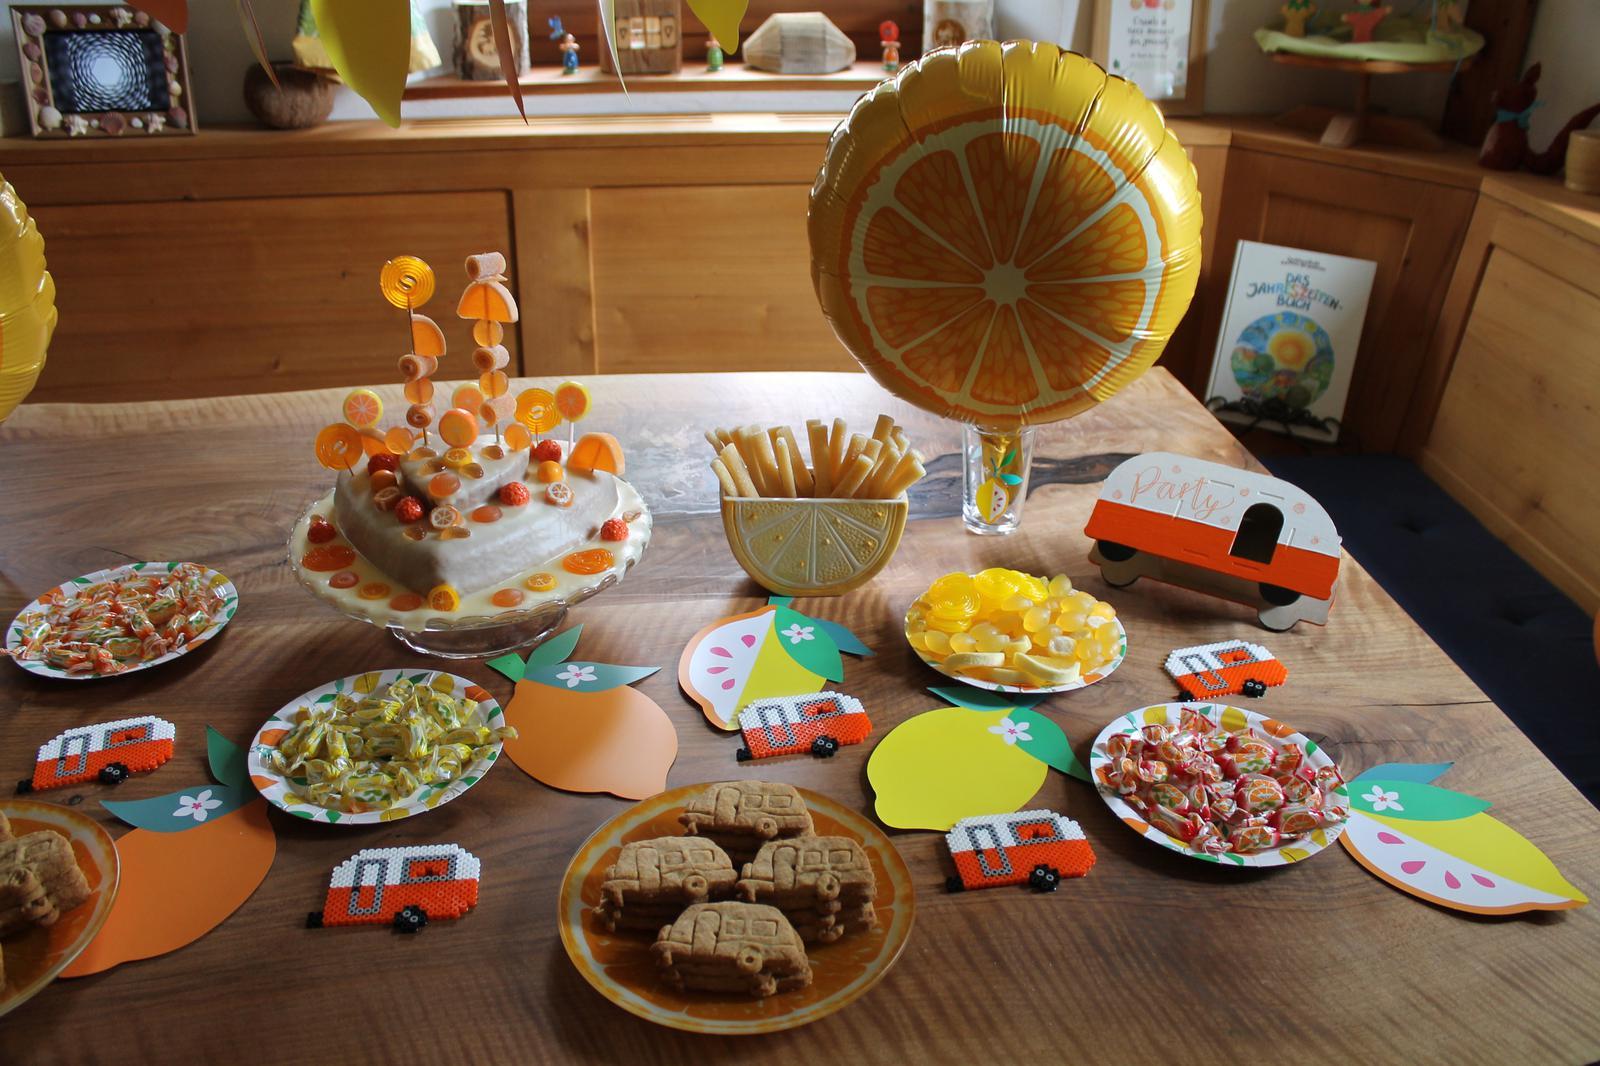 Oranginaparty|Orangina|Wohnwagenparty|Campingparty|Übernachtungsparty|Kinderfest|Kinderparty|Kindergeburtstag|Pyjamaparty|Sommerfest